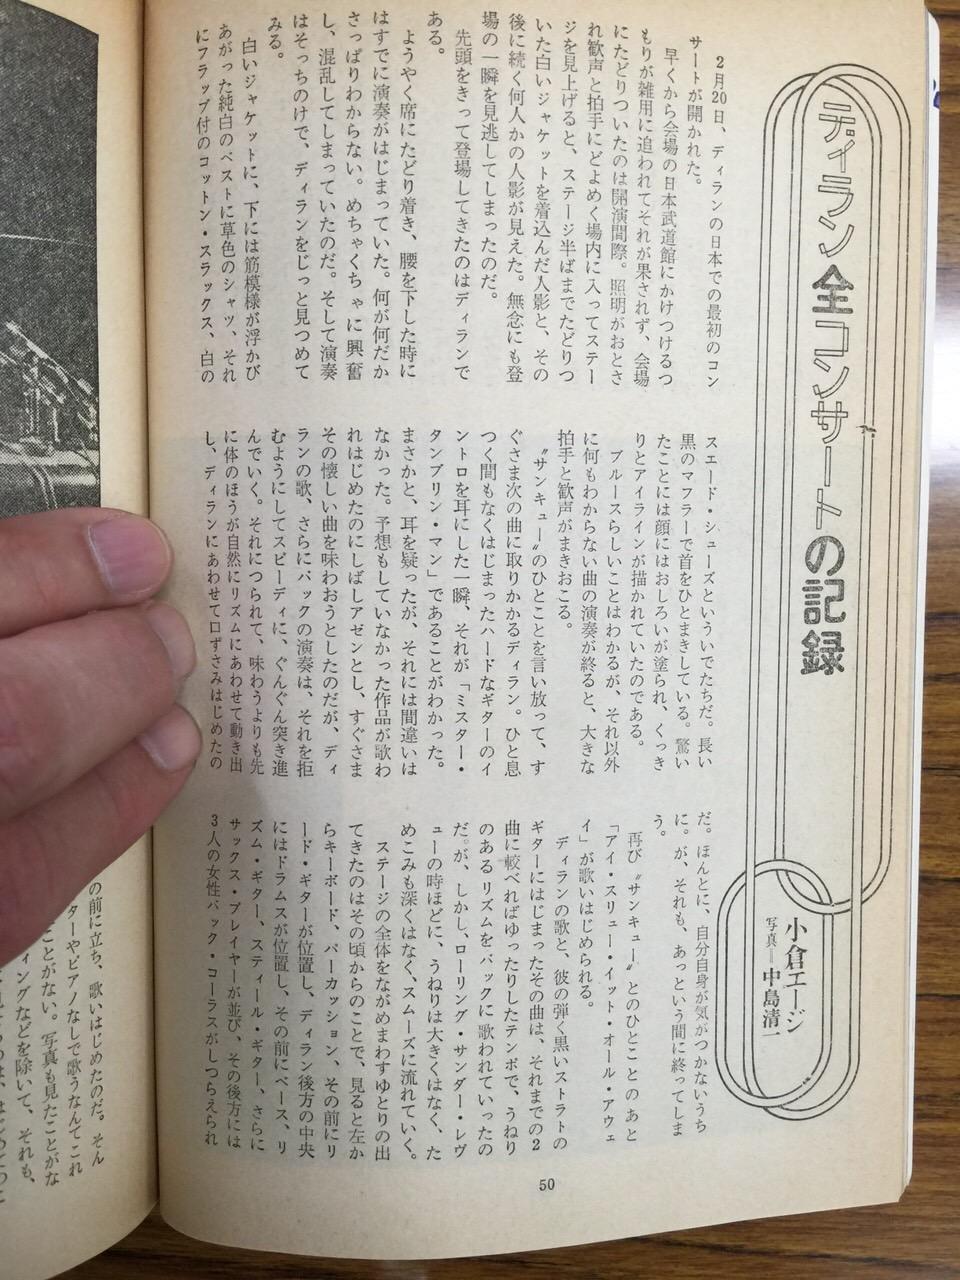 1978 new music magazine